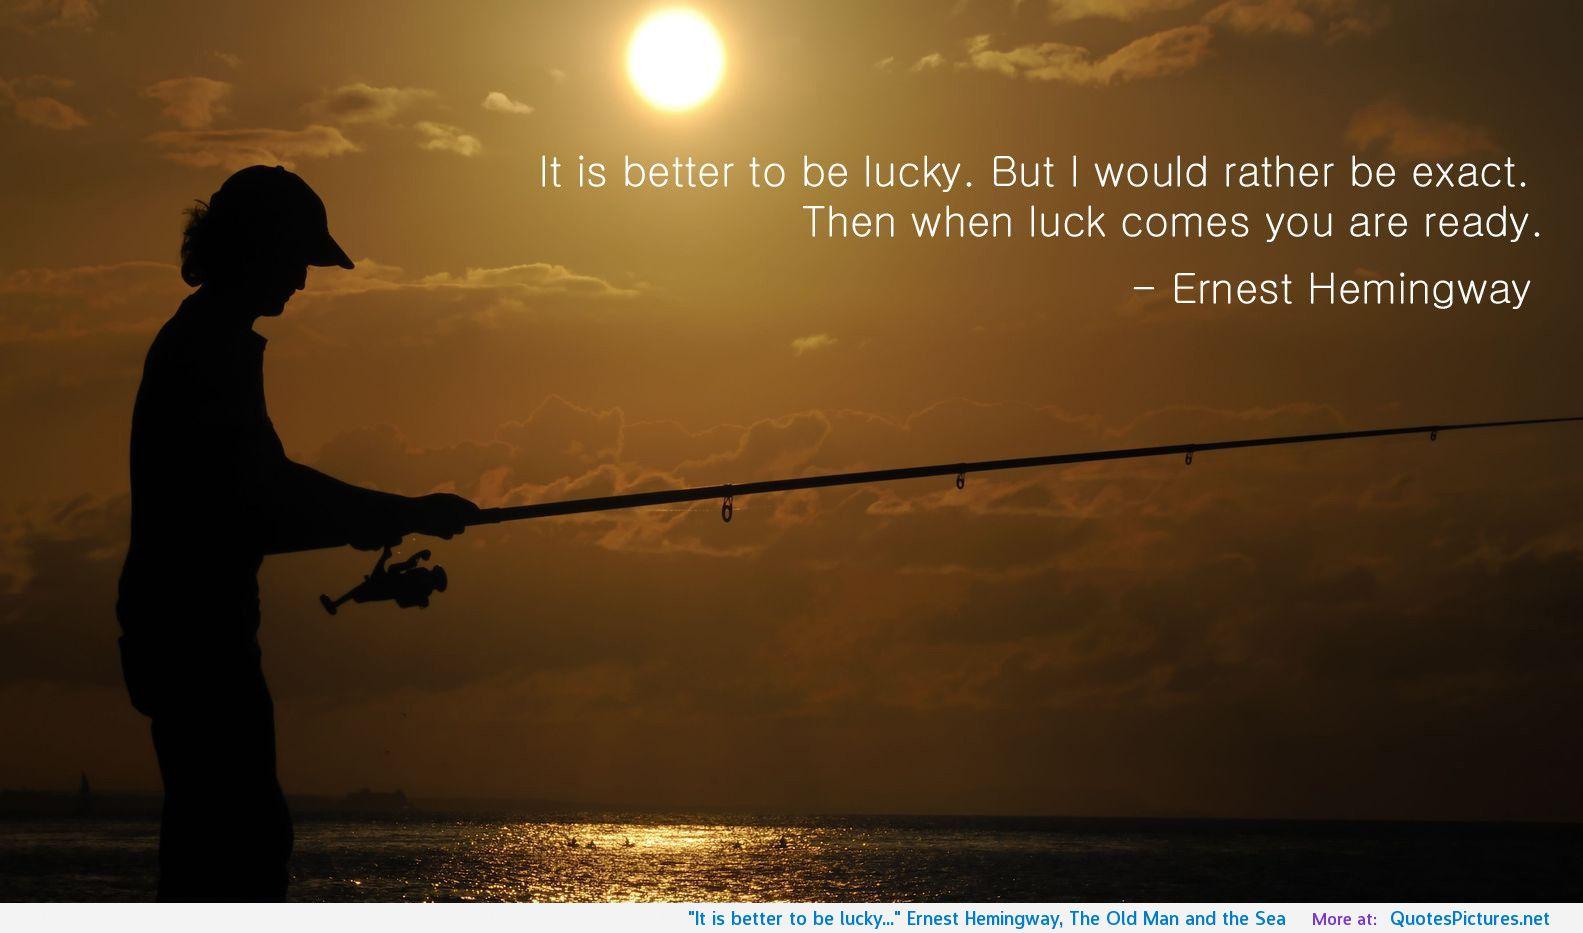 Sailing Quotes About Love Quotesgram: Sailing Quotes Hemingway. QuotesGram